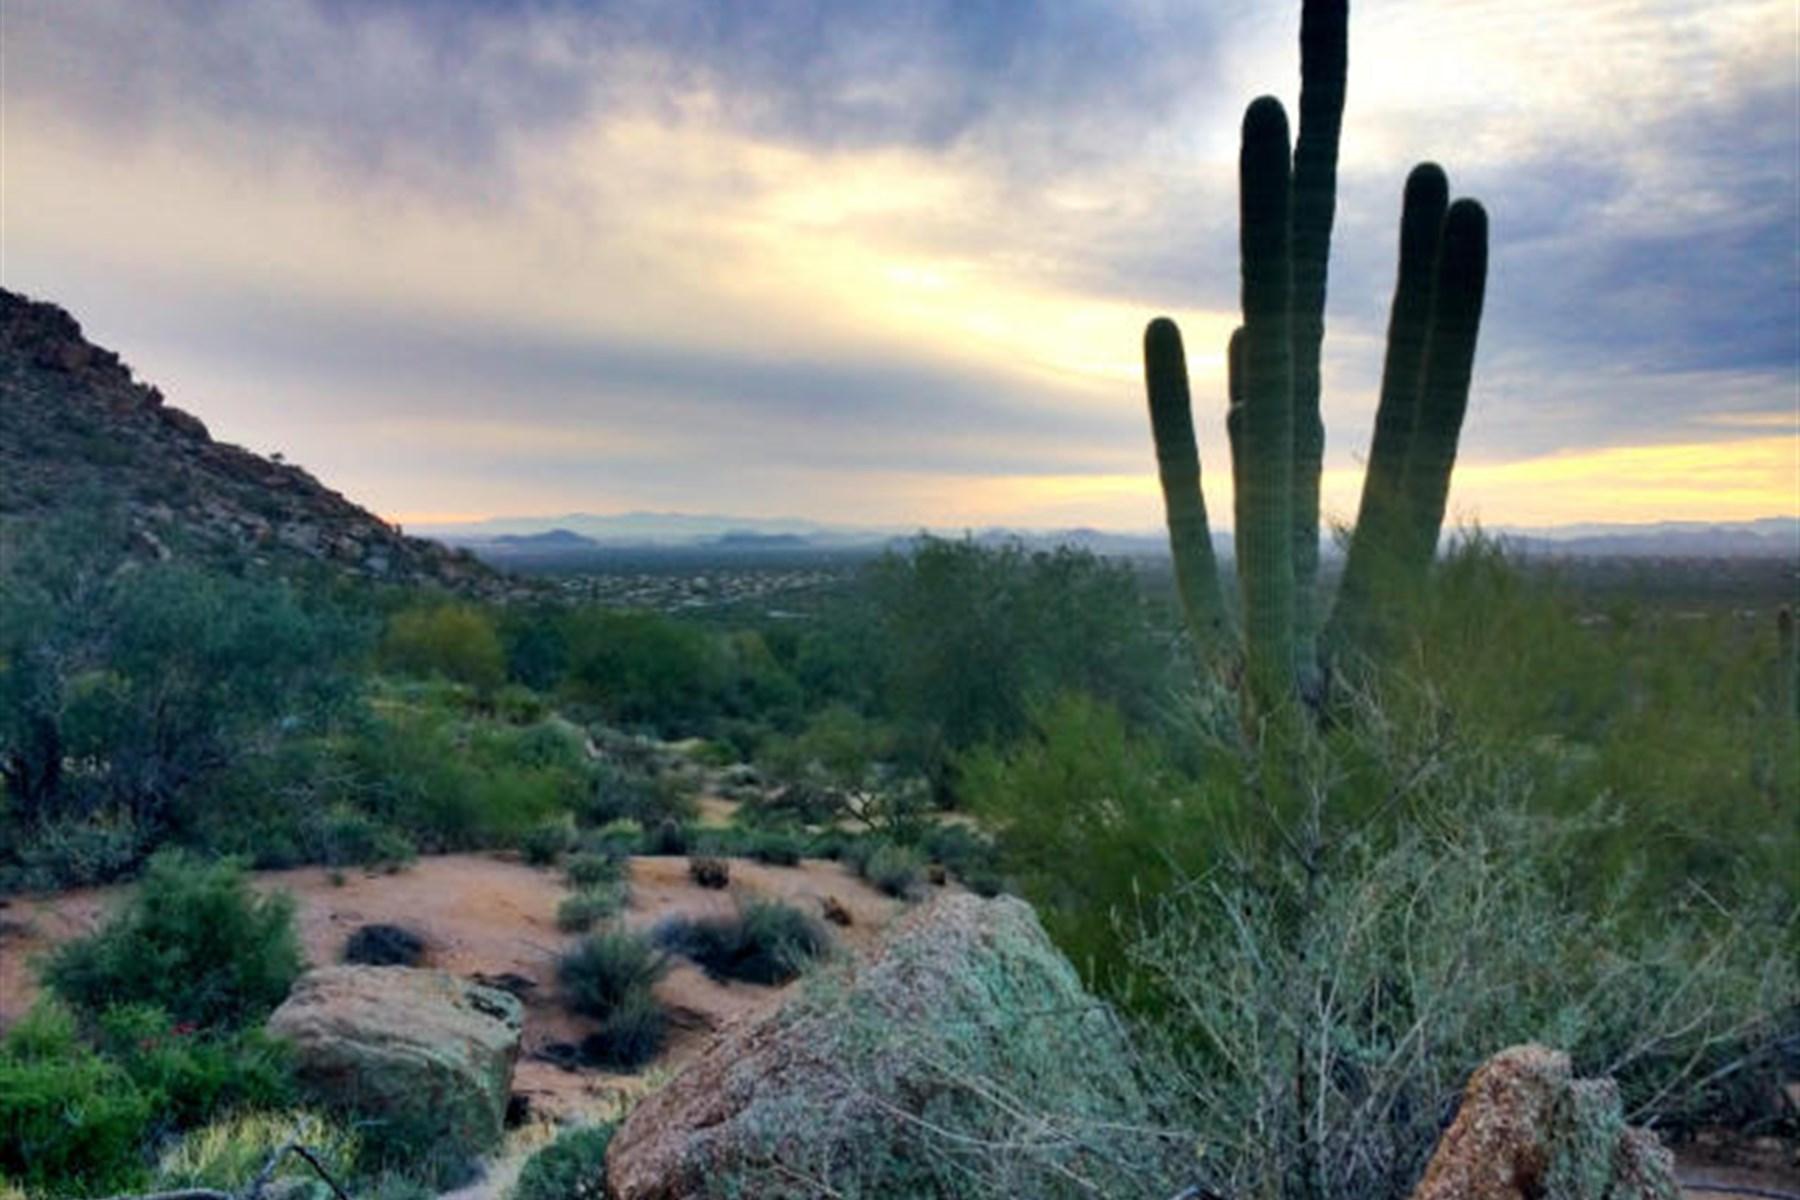 Terreno por un Venta en Estancia Lot with Big Views 26976 N 98th Way 231 Scottsdale, Arizona, 85262 Estados Unidos